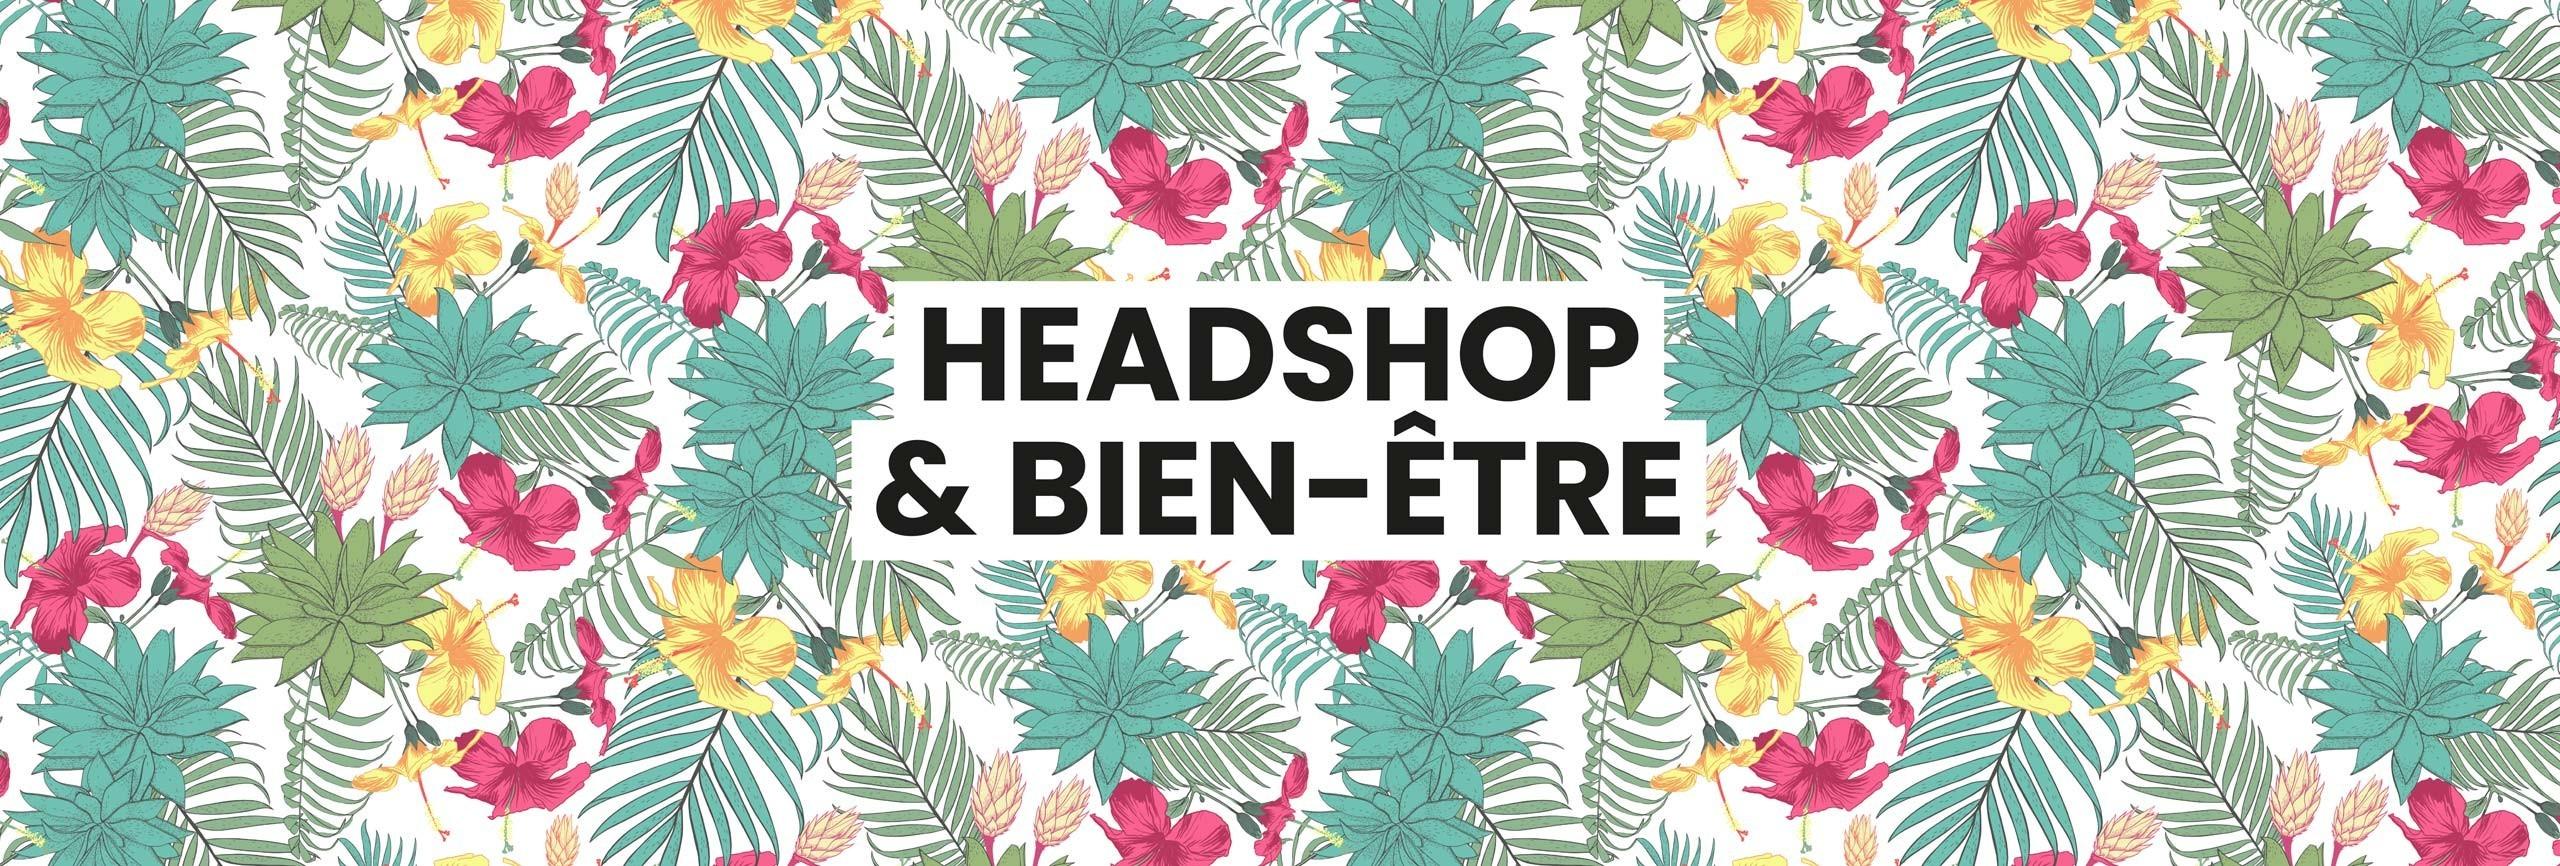 Headshop et Bien-être